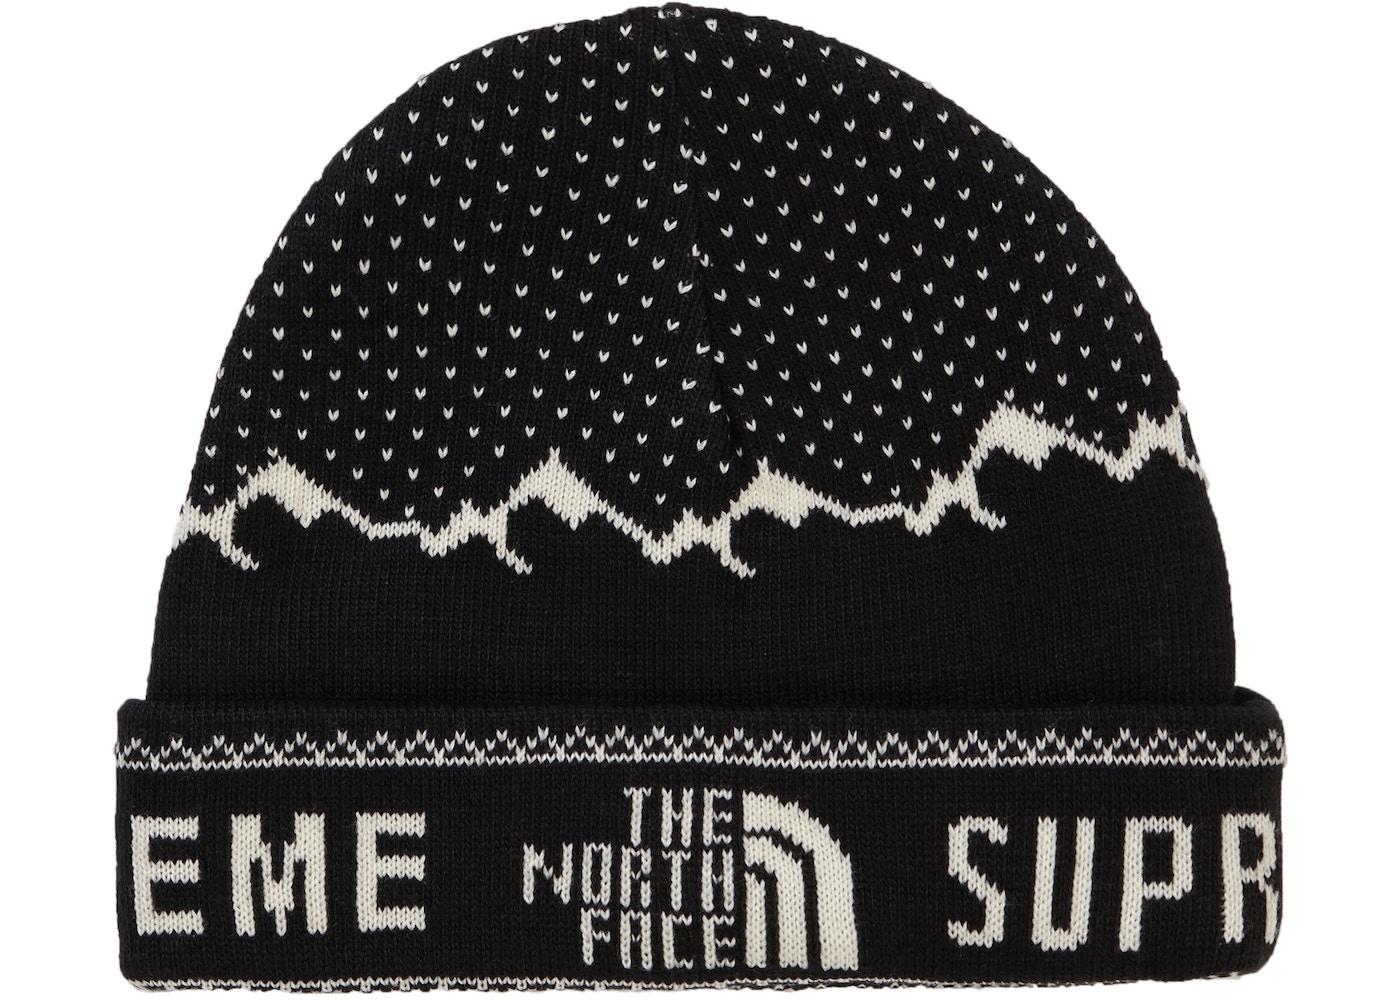 aff09c2bde423 Supreme Headwear - Buy   Sell Streetwear